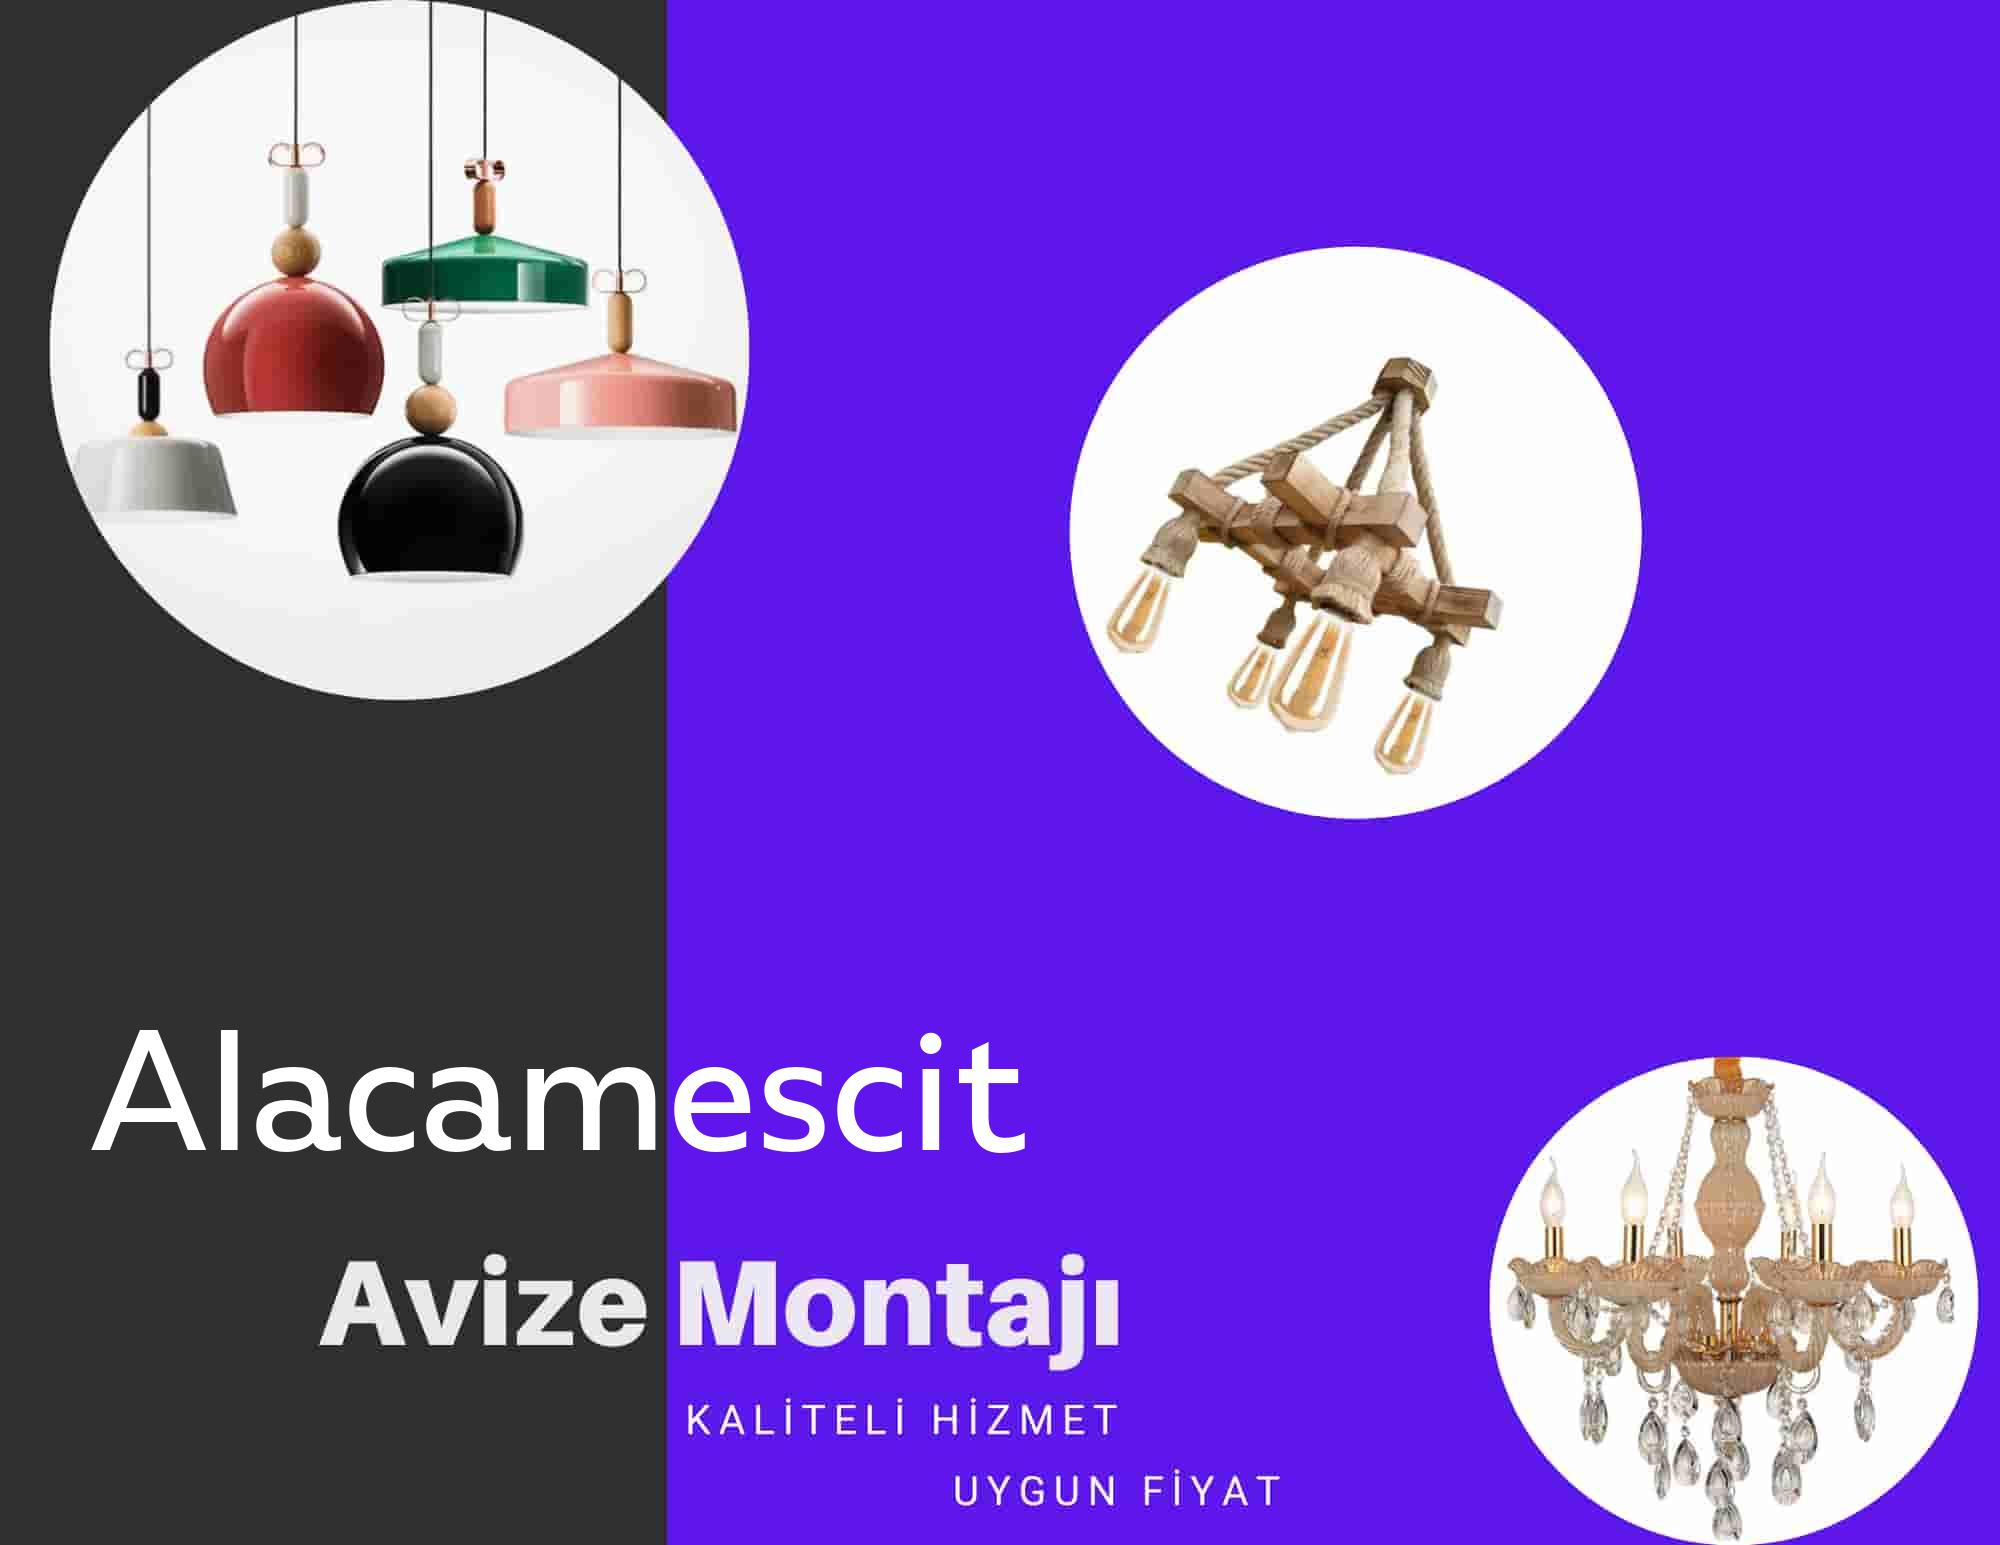 Alacamescit de avize montajı yapan yerler arıyorsanız elektrikcicagir anında size profesyonel avize montajı ustasını yönlendirir.